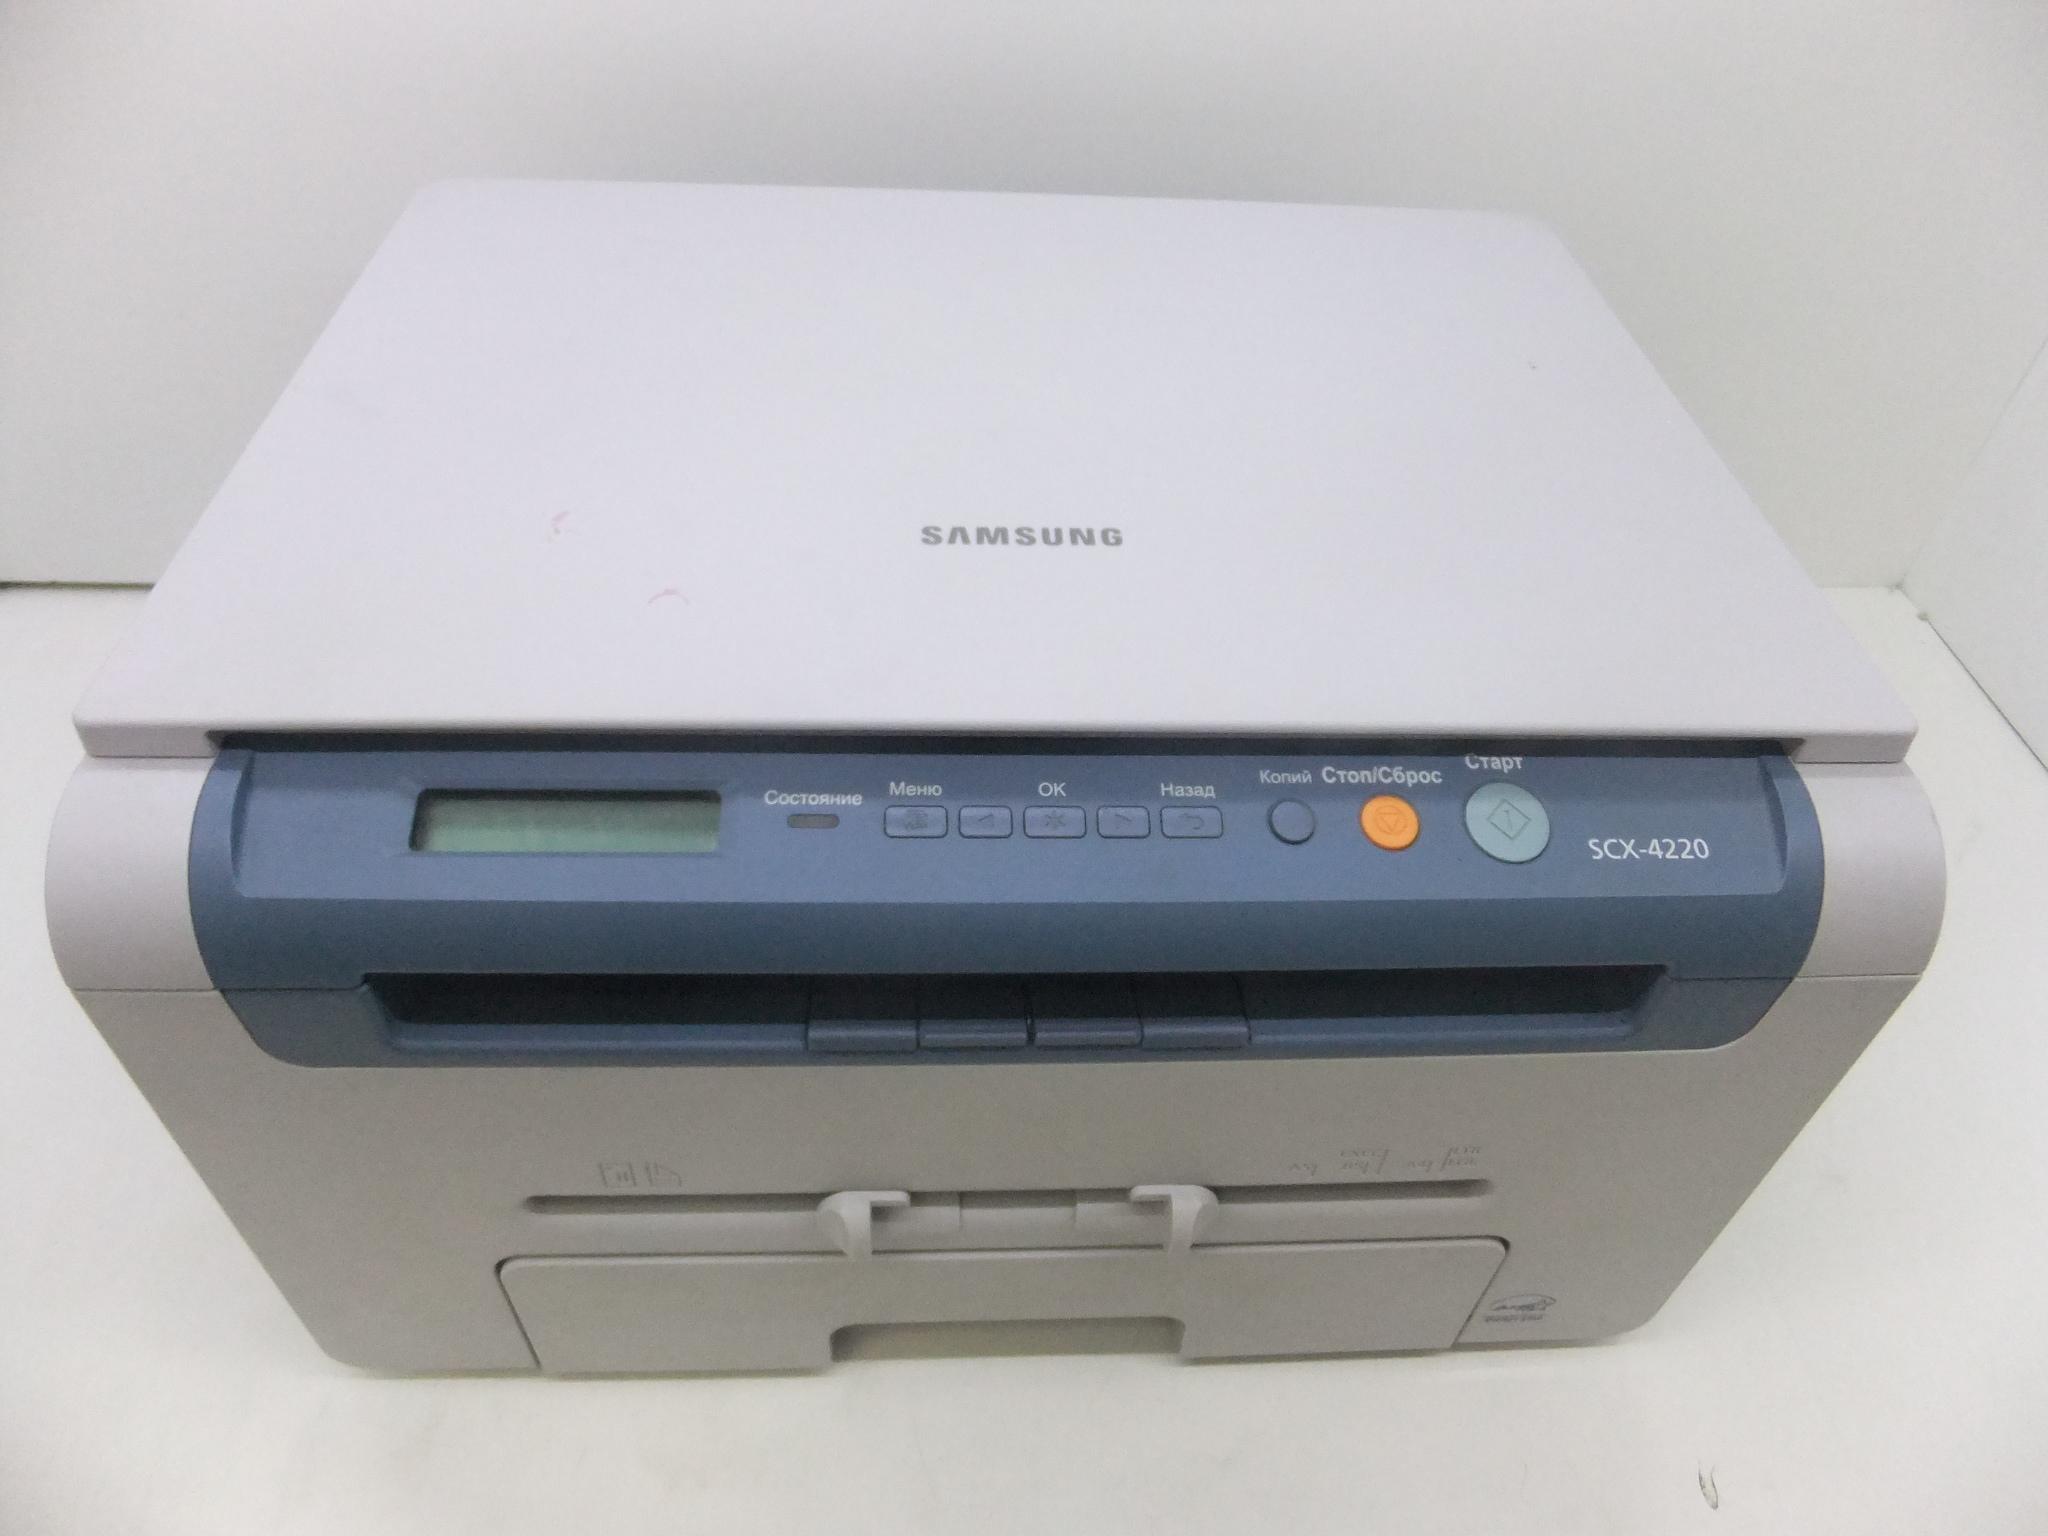 Почему принтер samsung scx-4220 не печатает